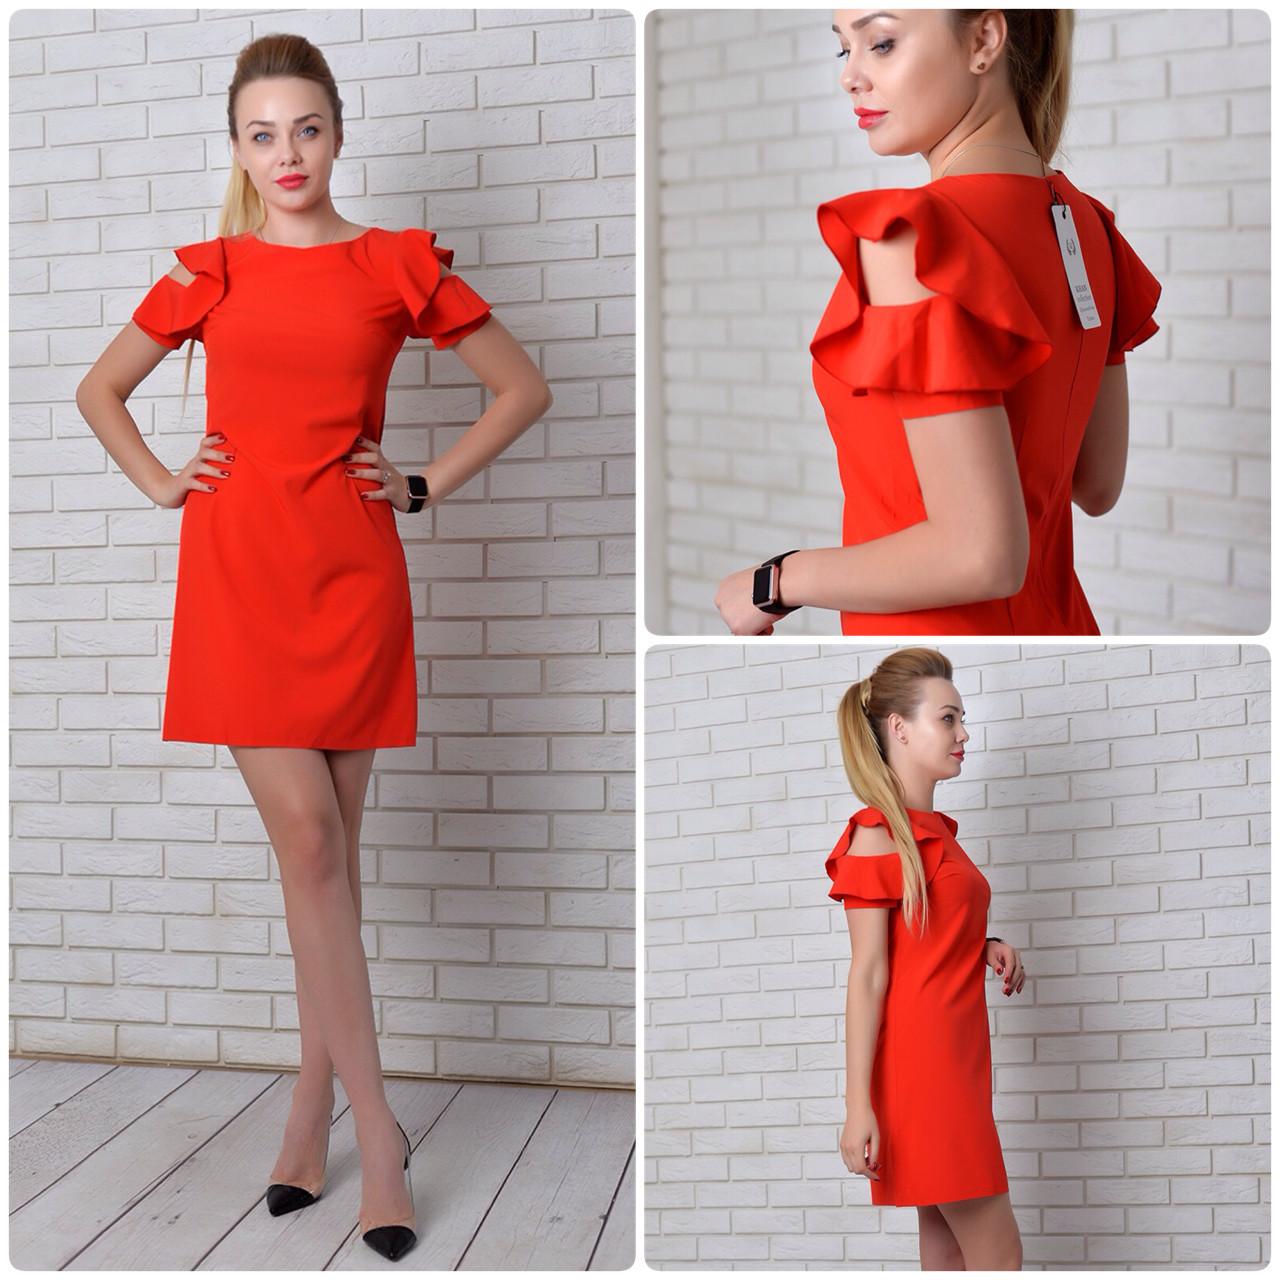 Платье, модель 783, цвет - красный